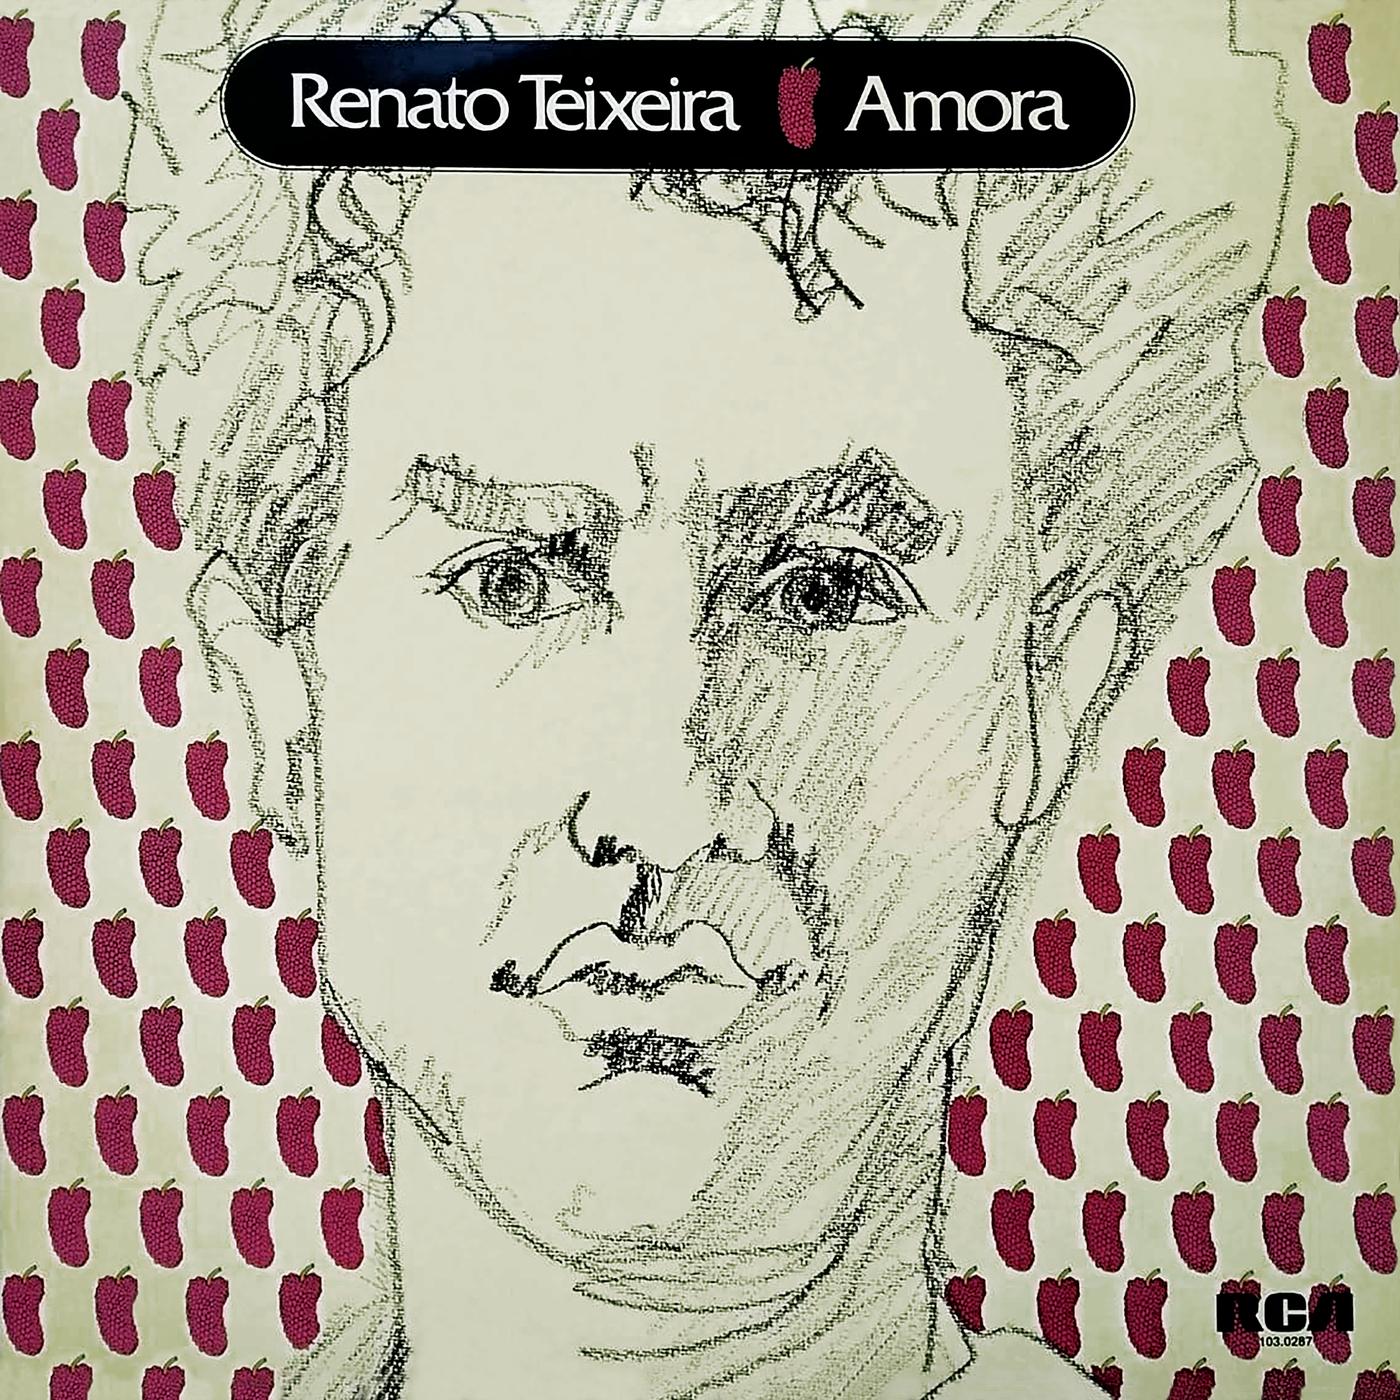 Amora - Renato Teixeira